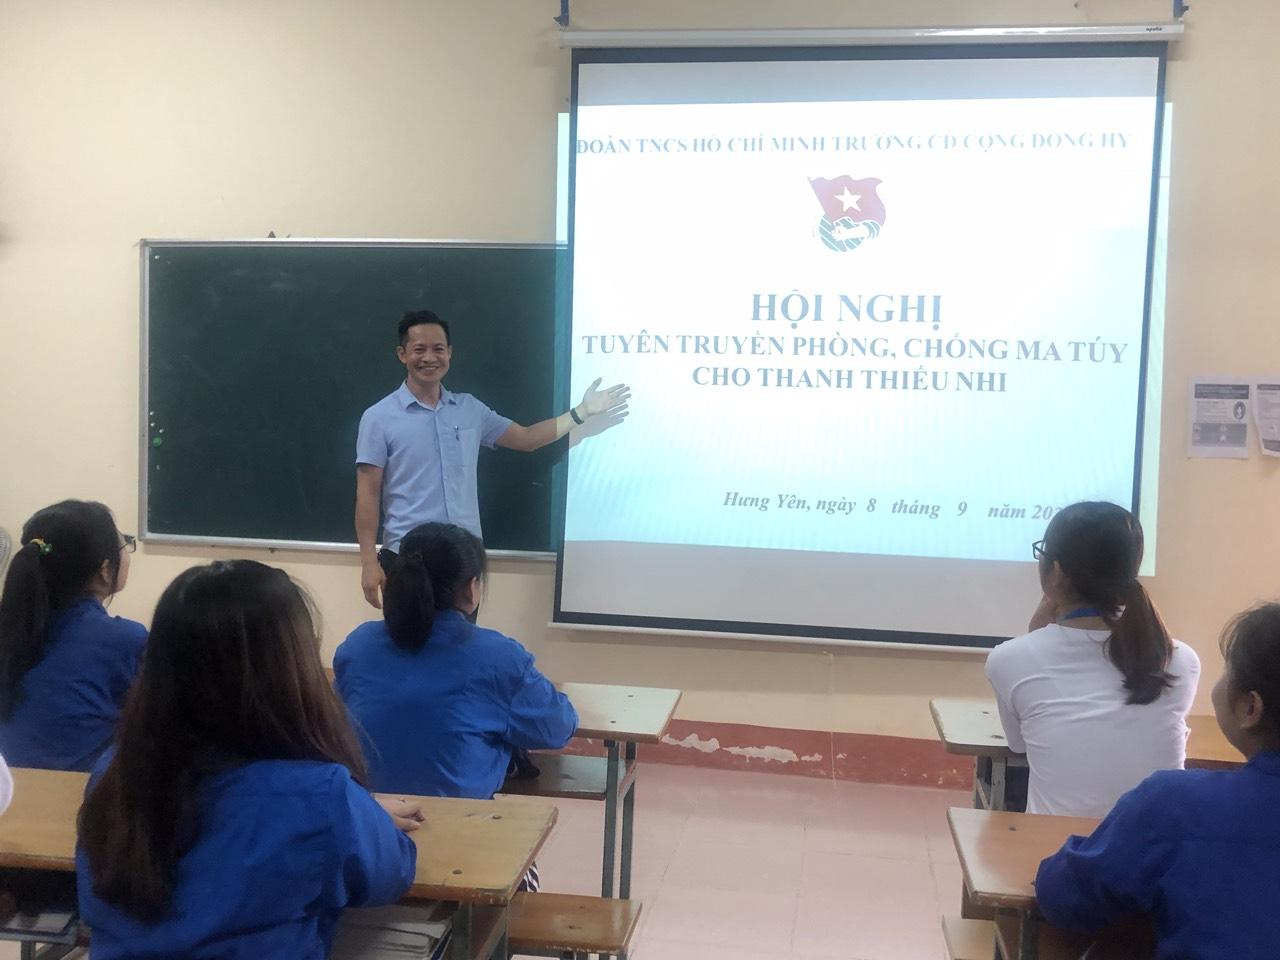 Đoàn trường Cao đẳng Cộng đồng Hưng Yên tổ chức Hội nghị Tuyên truyền phòng, chống ma tuý